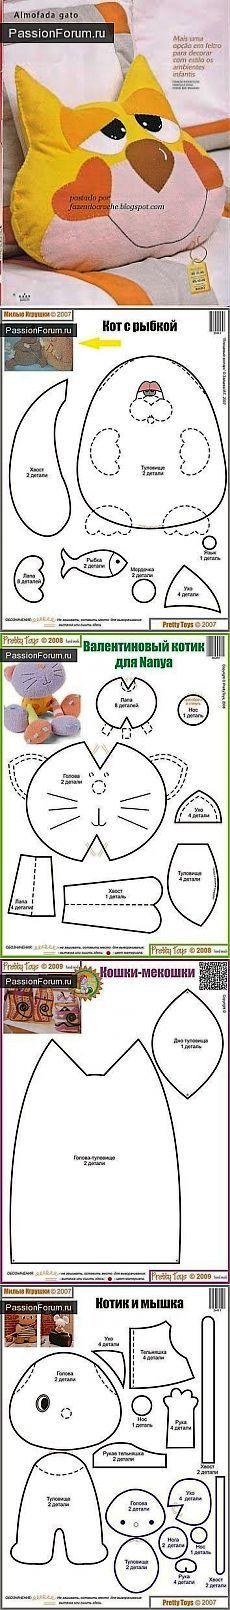 Выкройки мягких игрушек котов / Мир игрушки / Тильда. Мастер классы, выкройки.